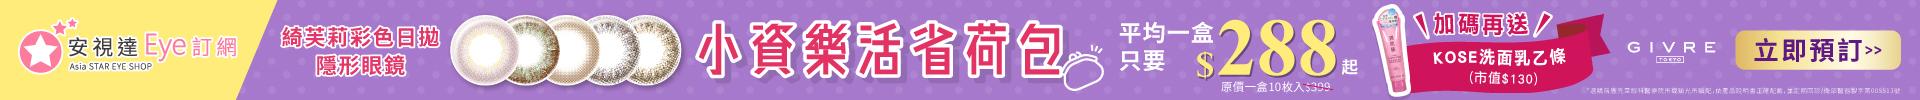 202003檔_綺芙莉上方banner_導活動說明